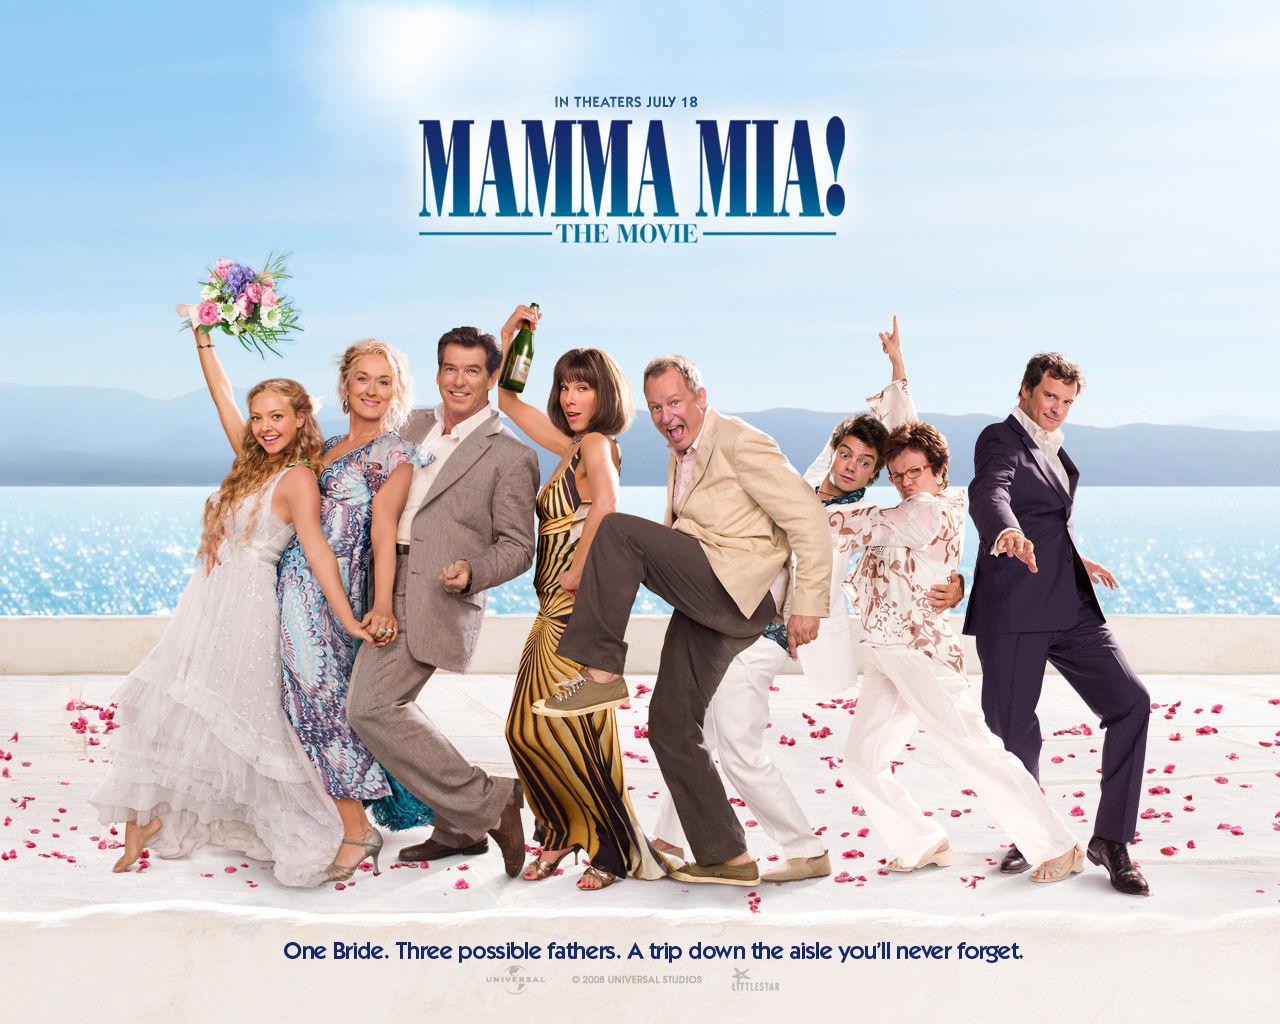 inspiracao-para-casamento-6-filmes-que-toda-noiva-precisa-ver.jpg